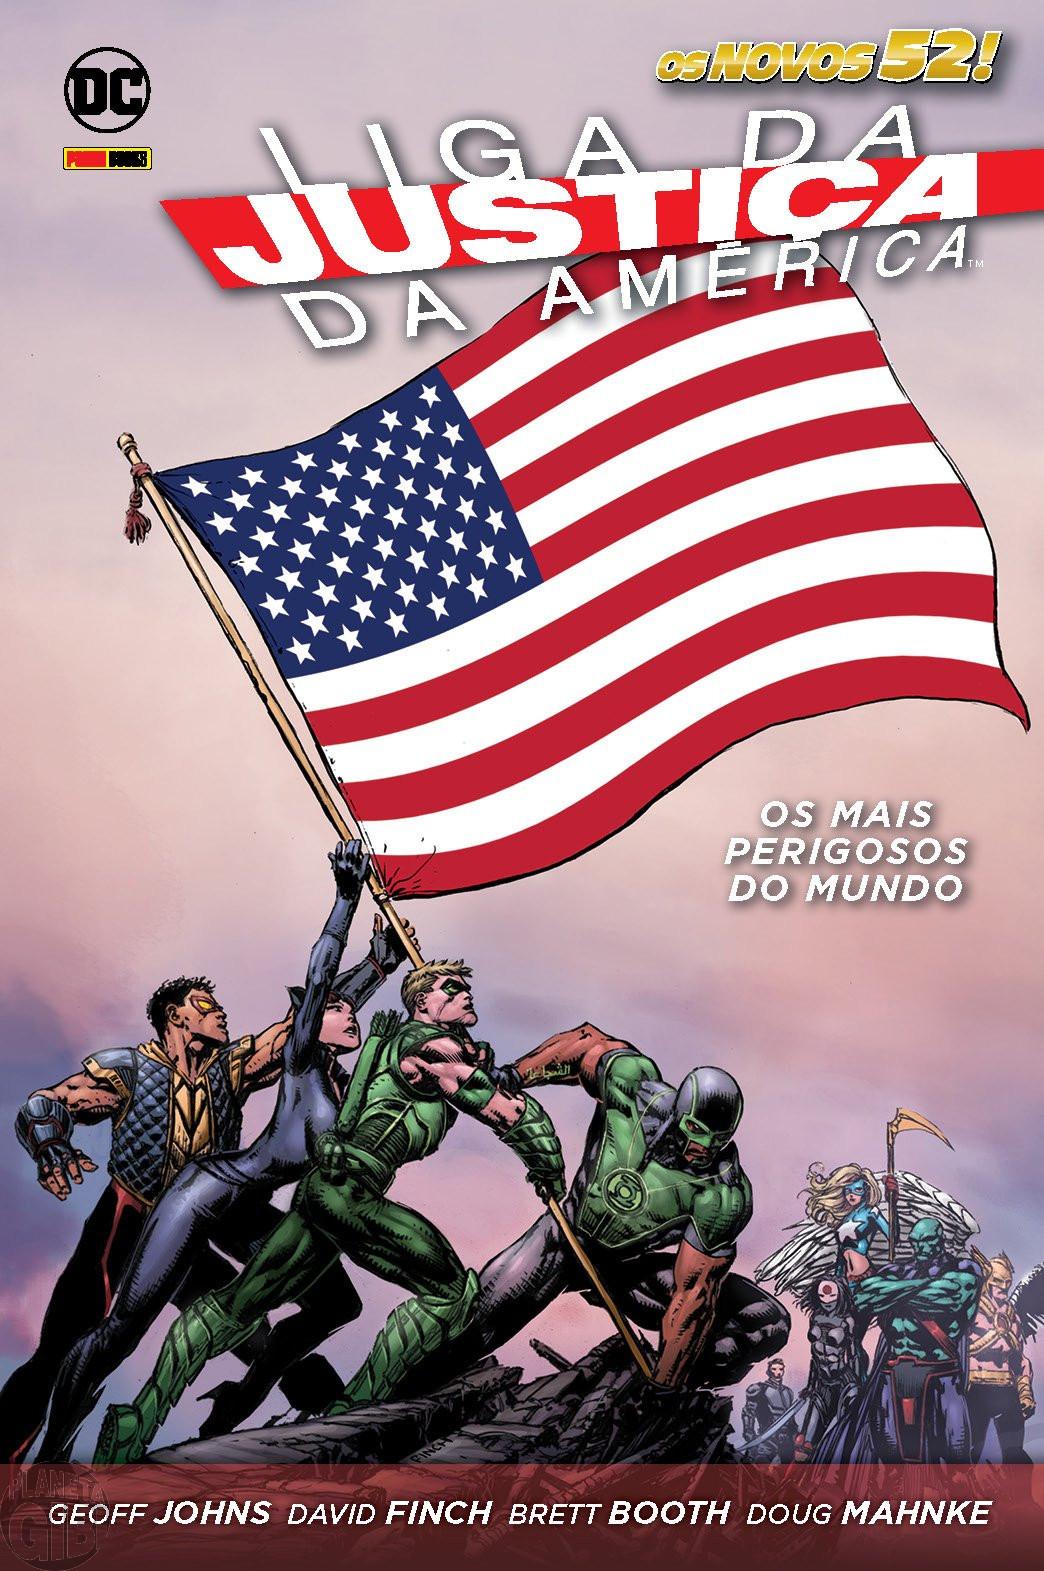 Liga da Justiça da América  - [Panini - Os Novos 52! - Capa Dura